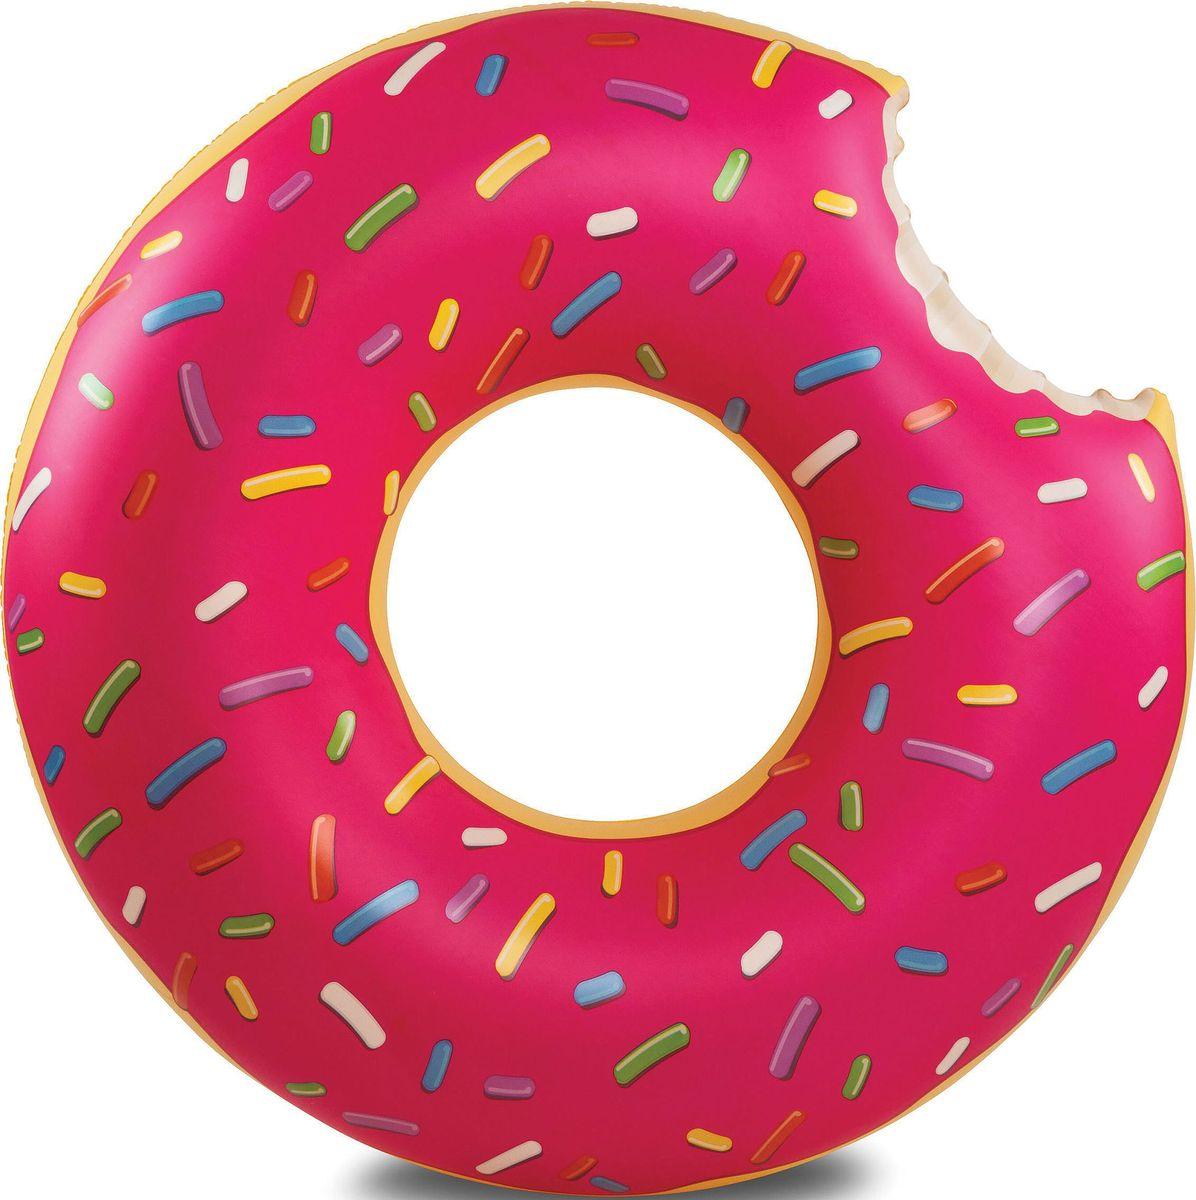 Круг надувной BigMouth  Strawberry Donut  - Игры на открытом воздухе